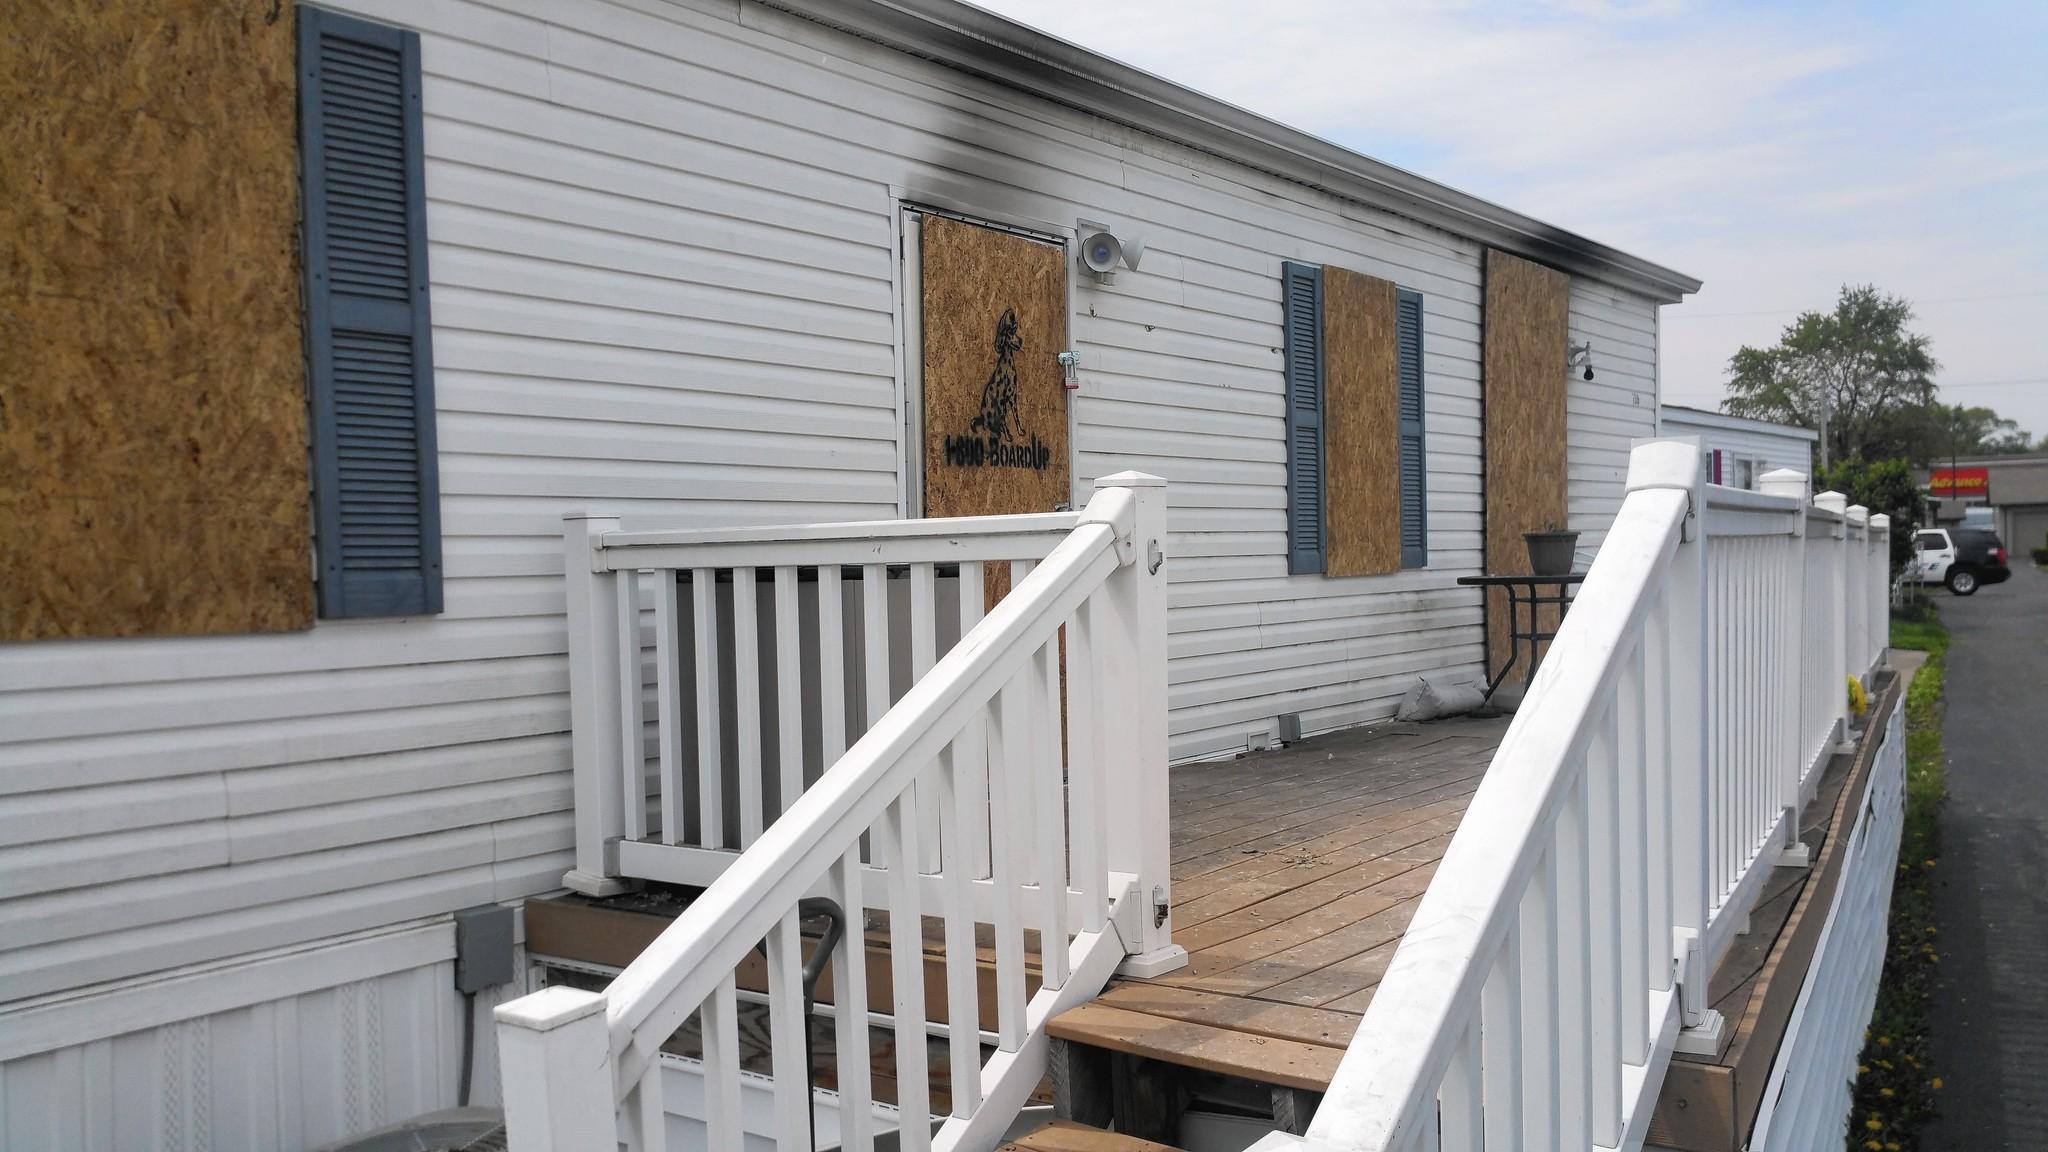 Oak Lawn Woman Dies After Fire In Trailer Park Home